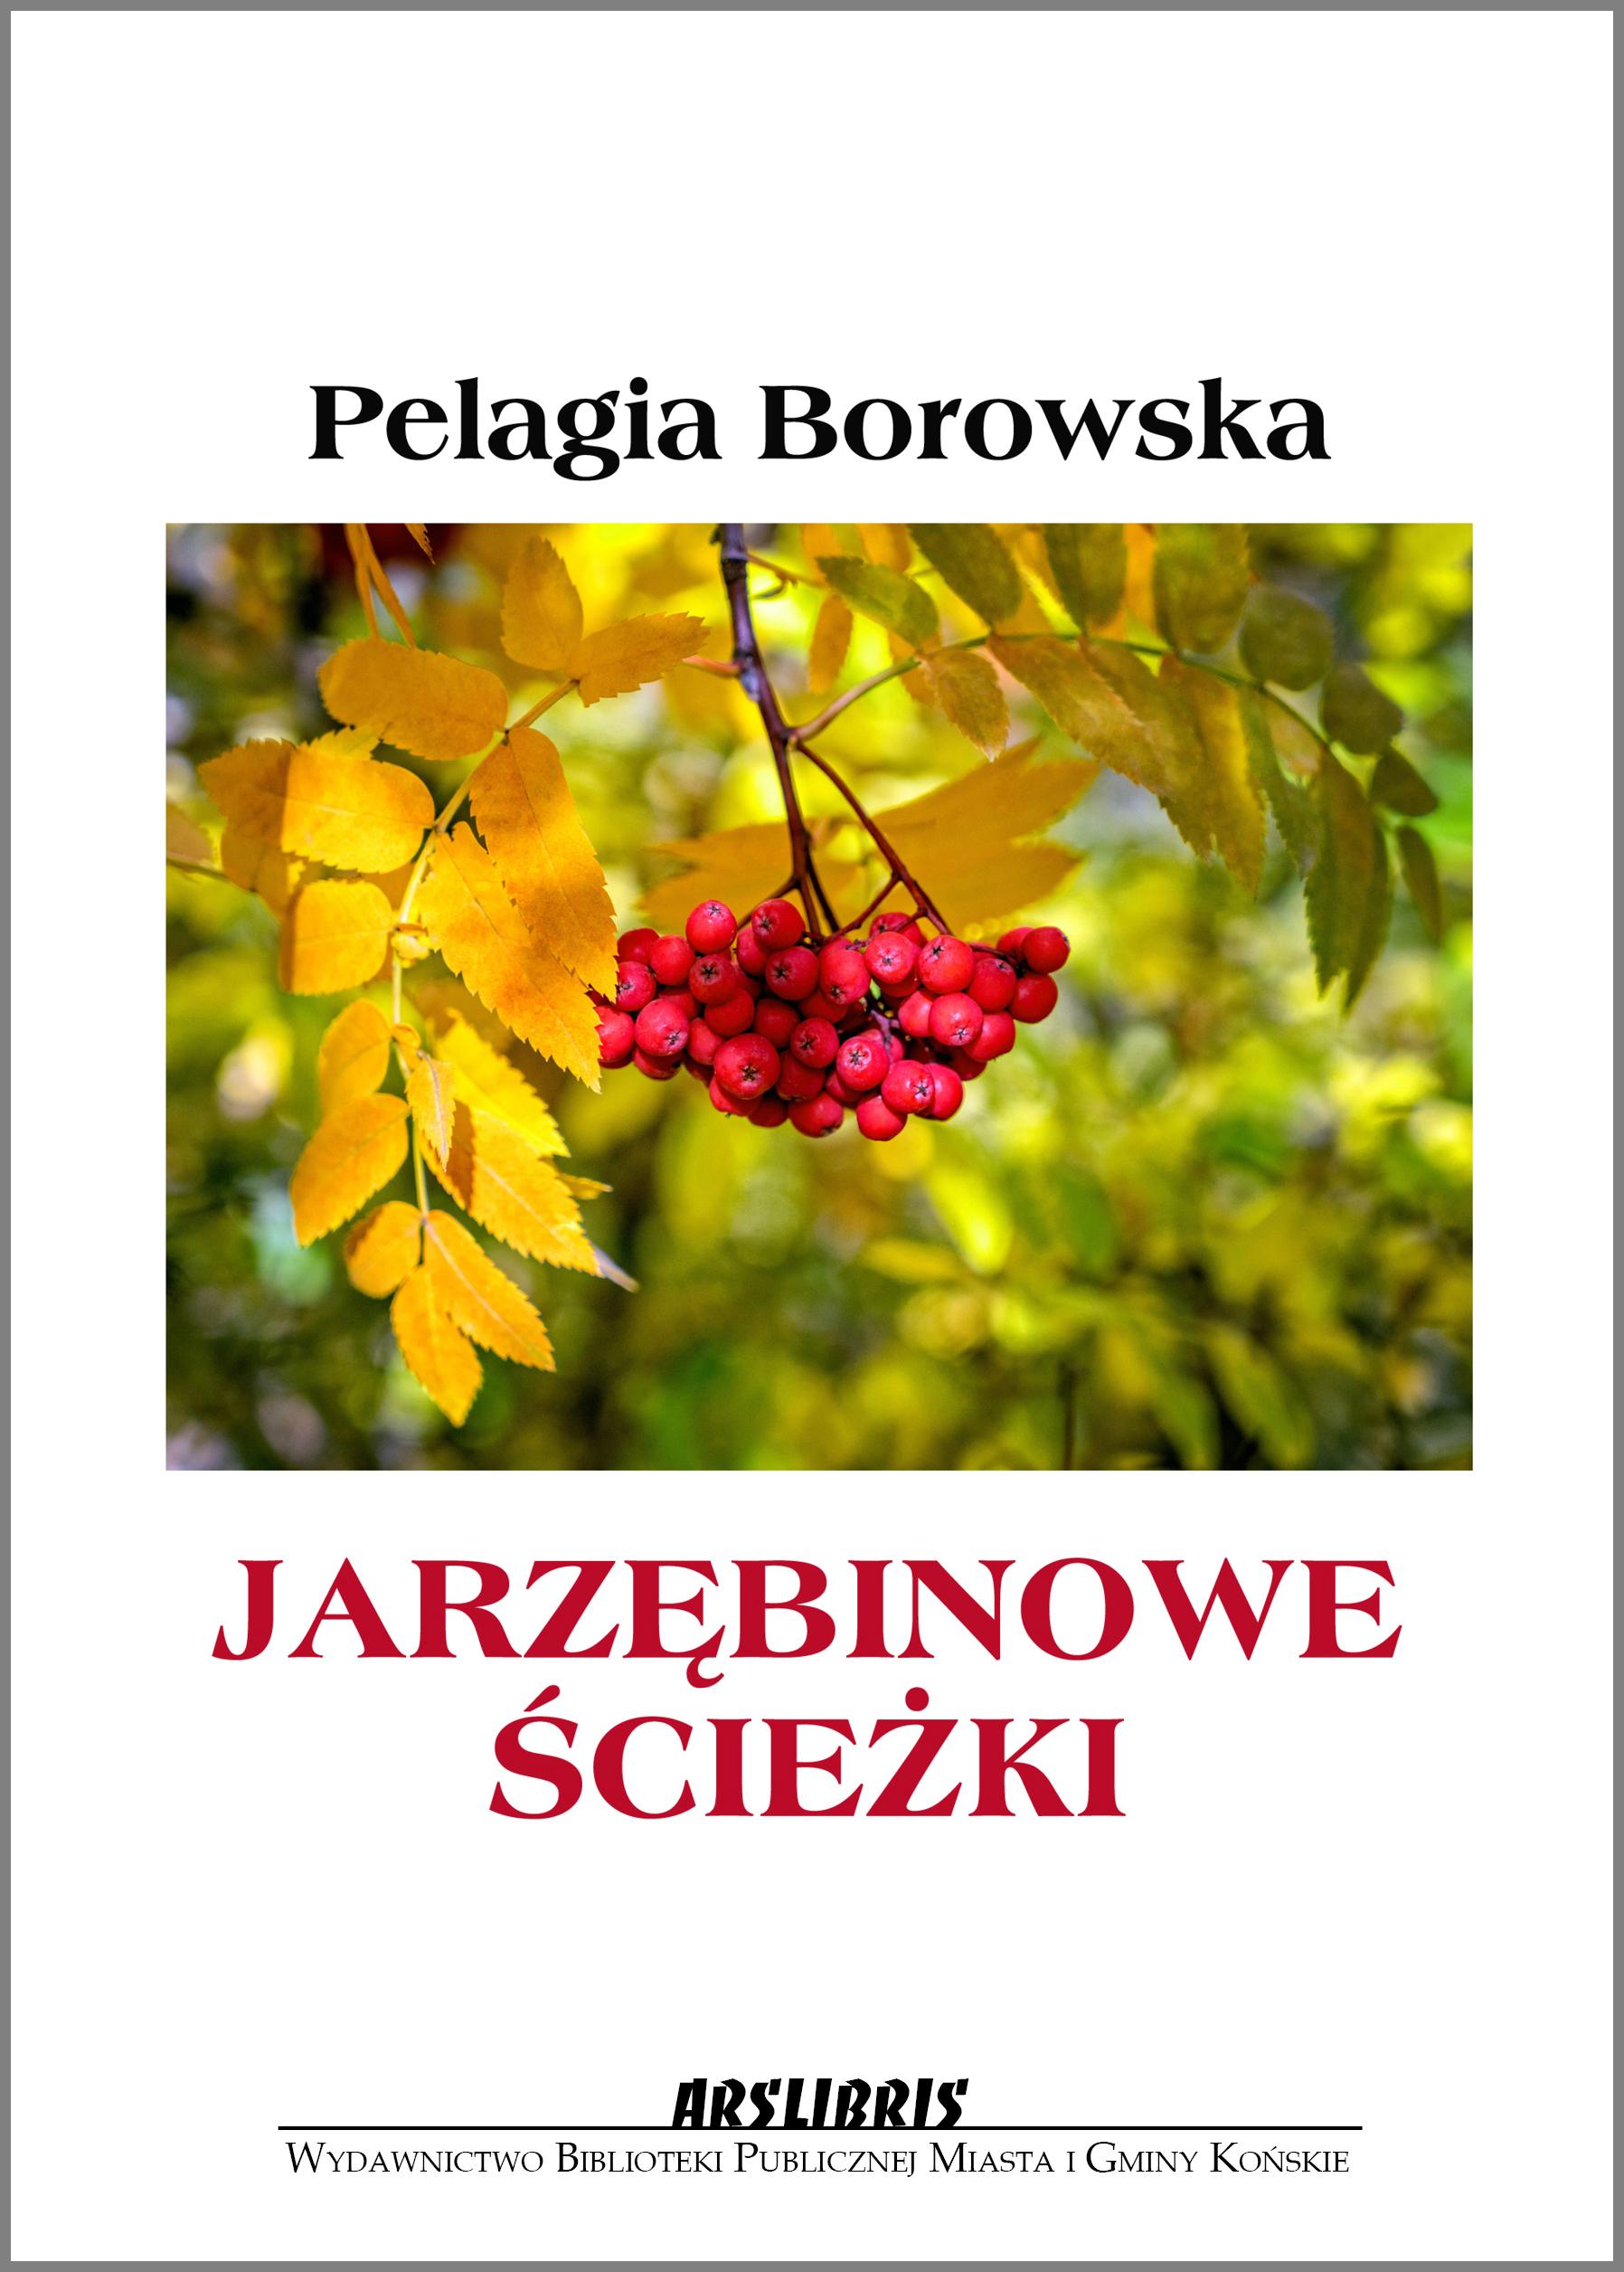 Pela Jarzębinowe